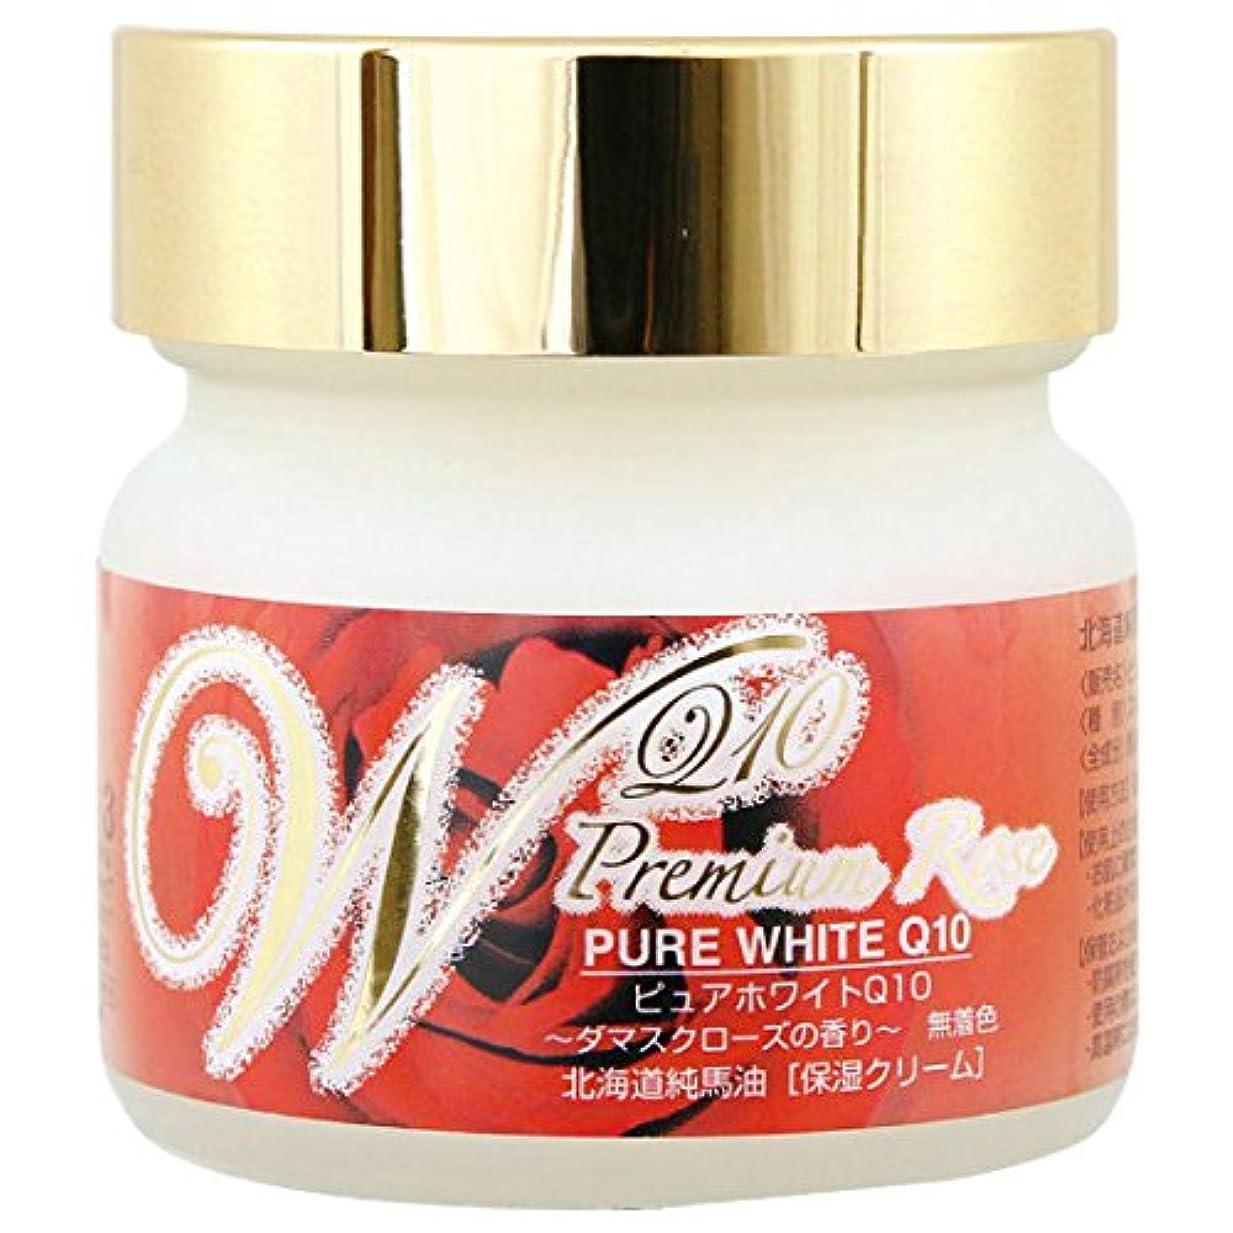 【30代からのリフトアップ化粧品】ピュアホワイトQ10プレミアムローズ 65g